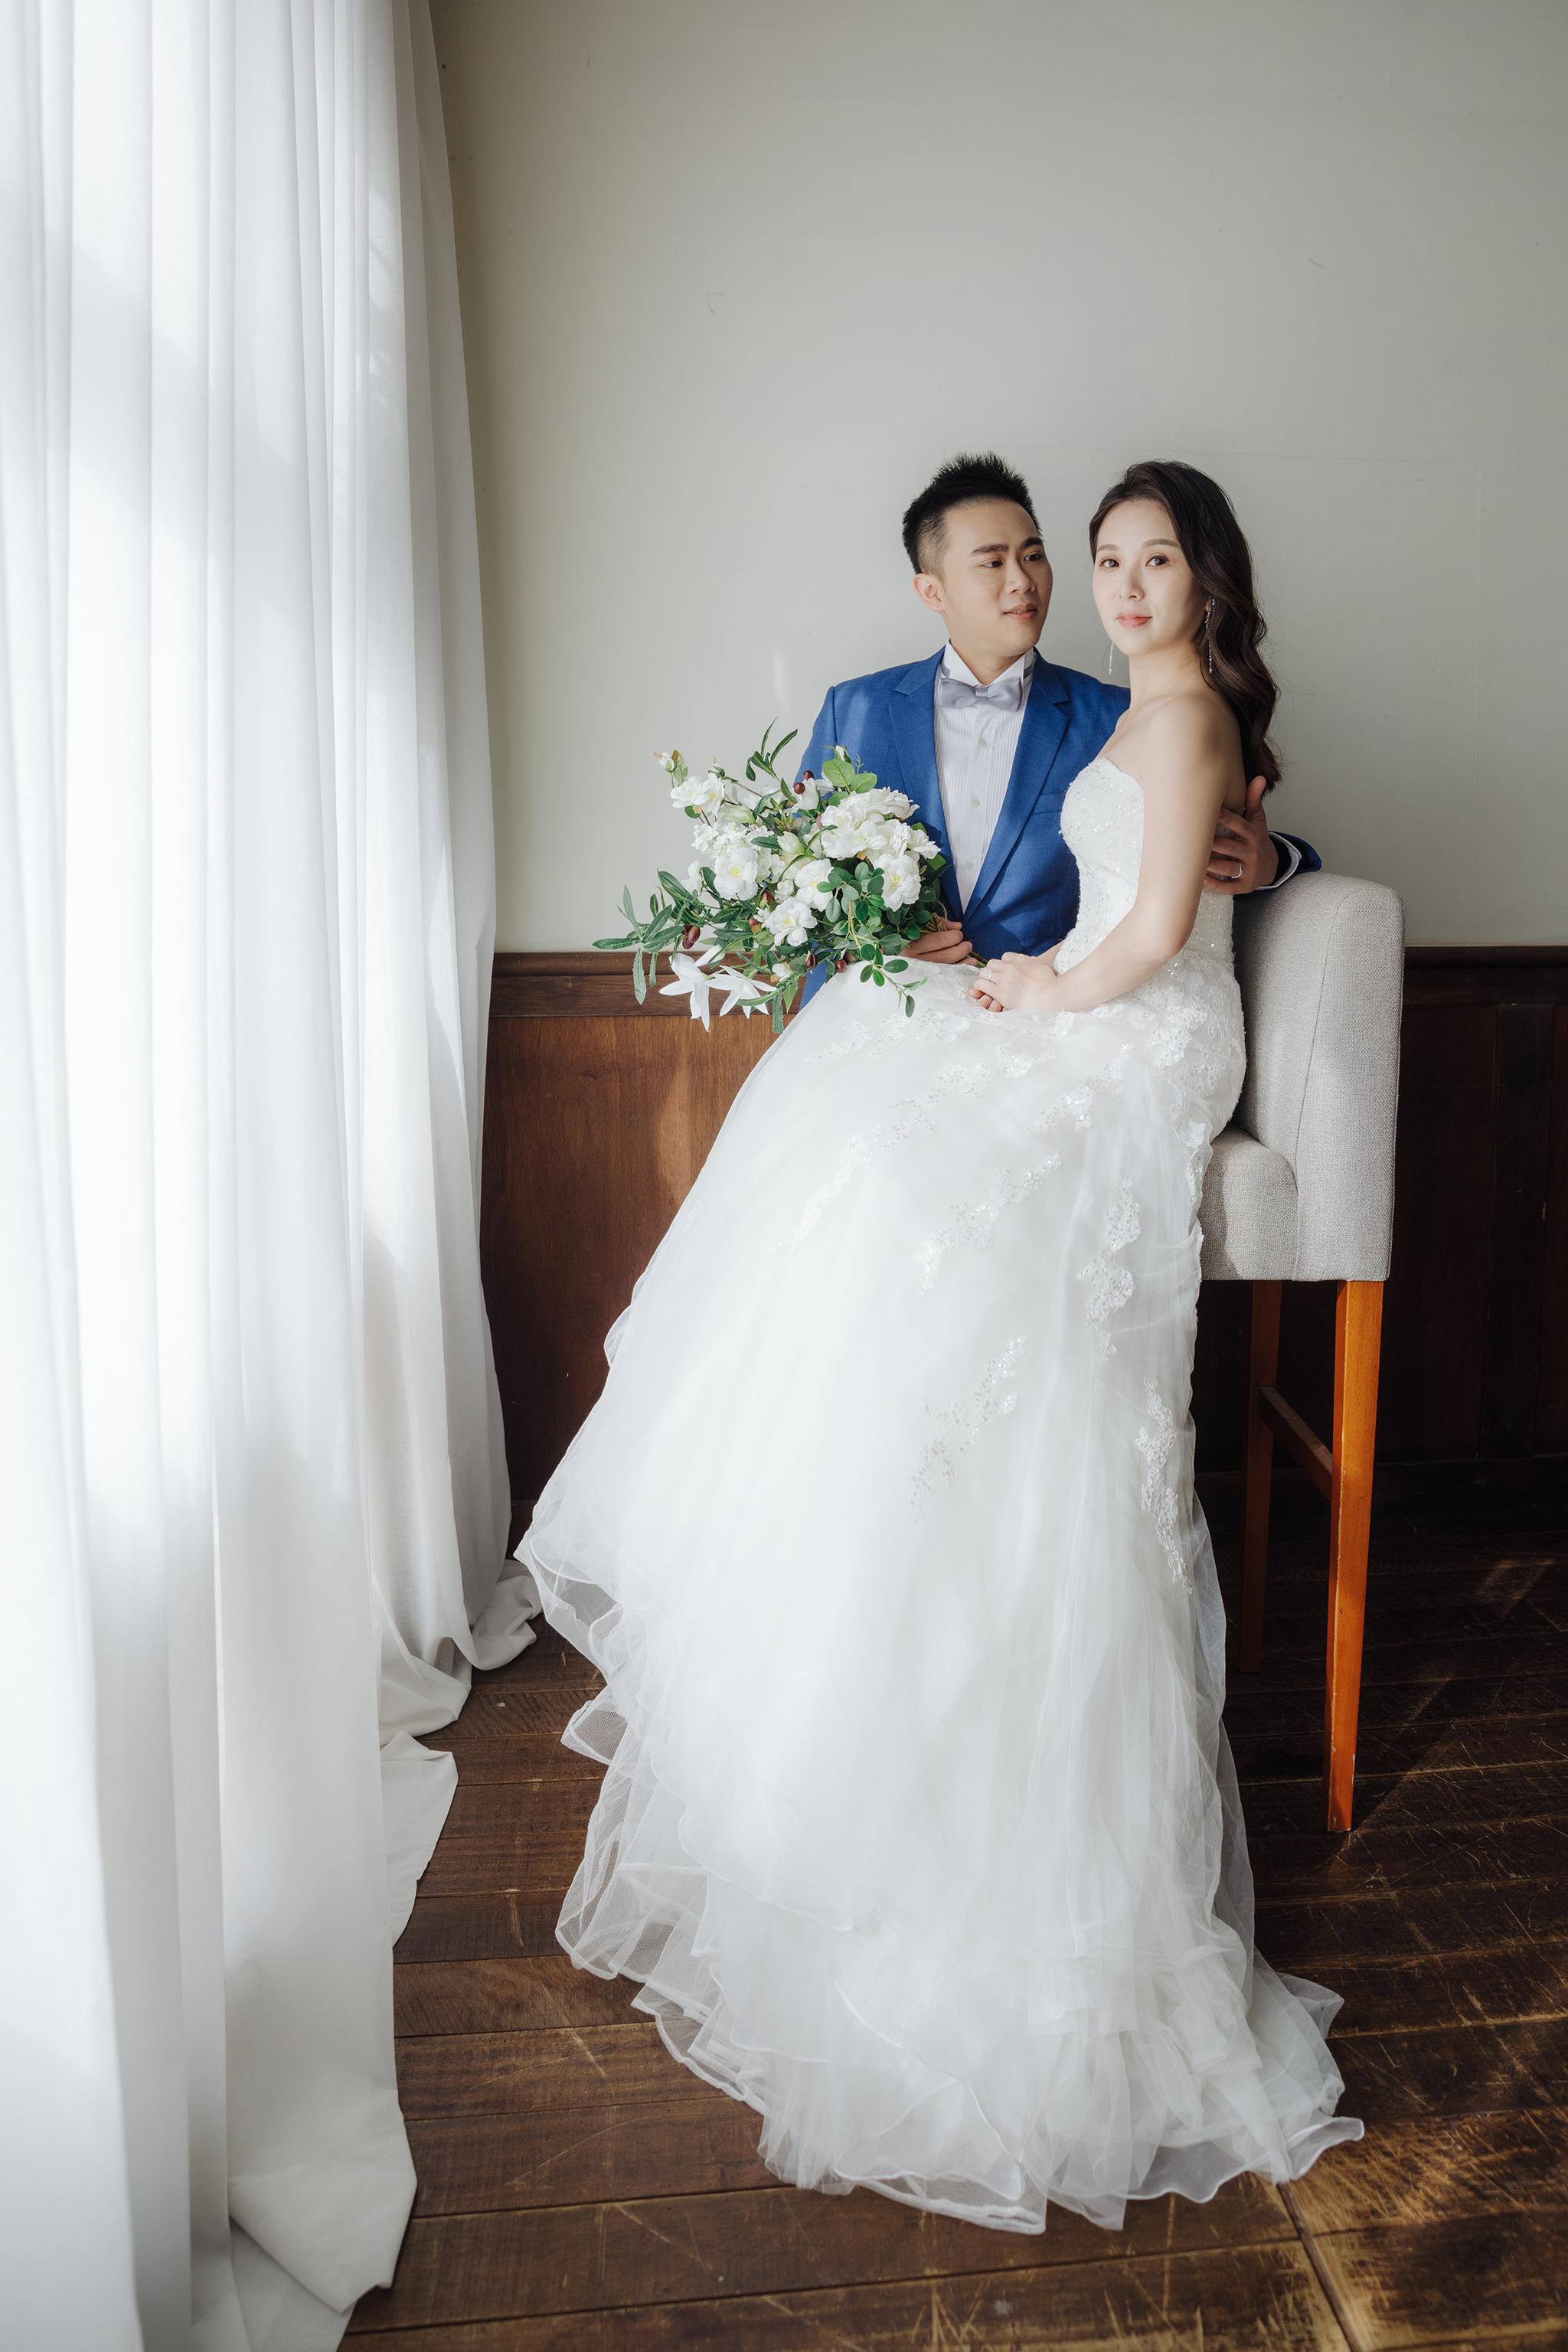 49599268851 540cc43225 o - 【自助婚紗】+啟安&虹虹+